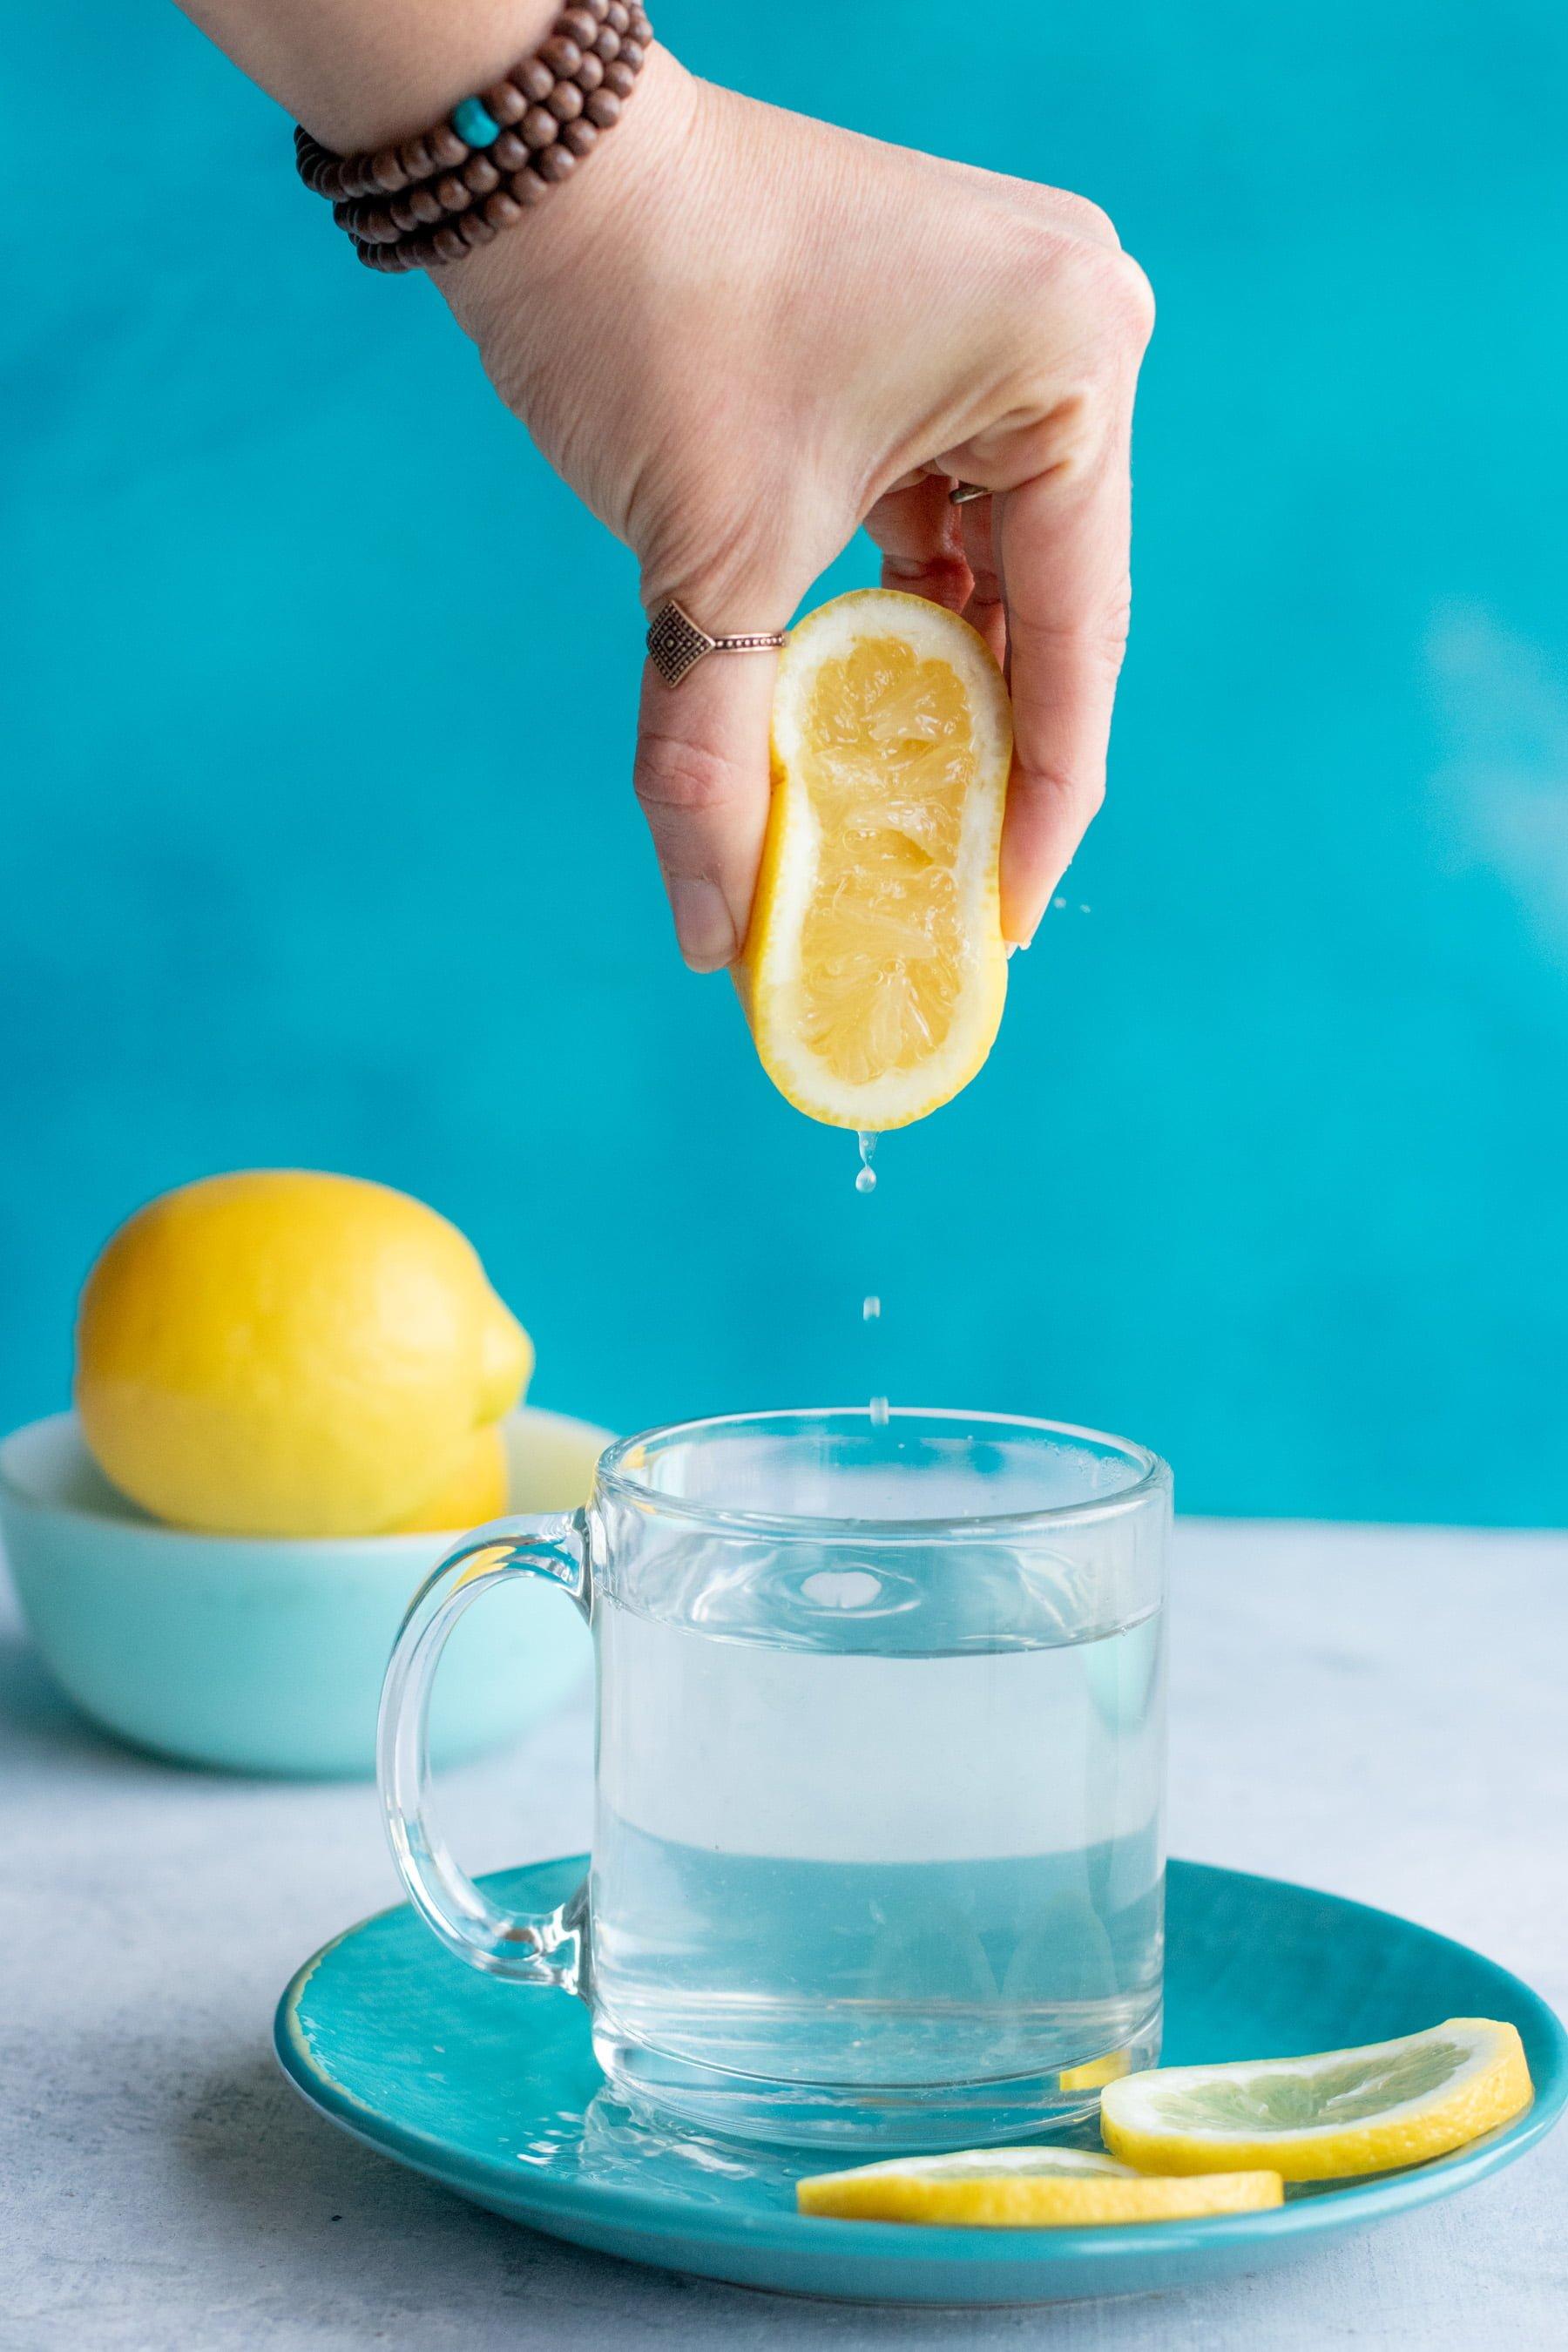 Pravi lek, lemon daje raznim zdravstveno